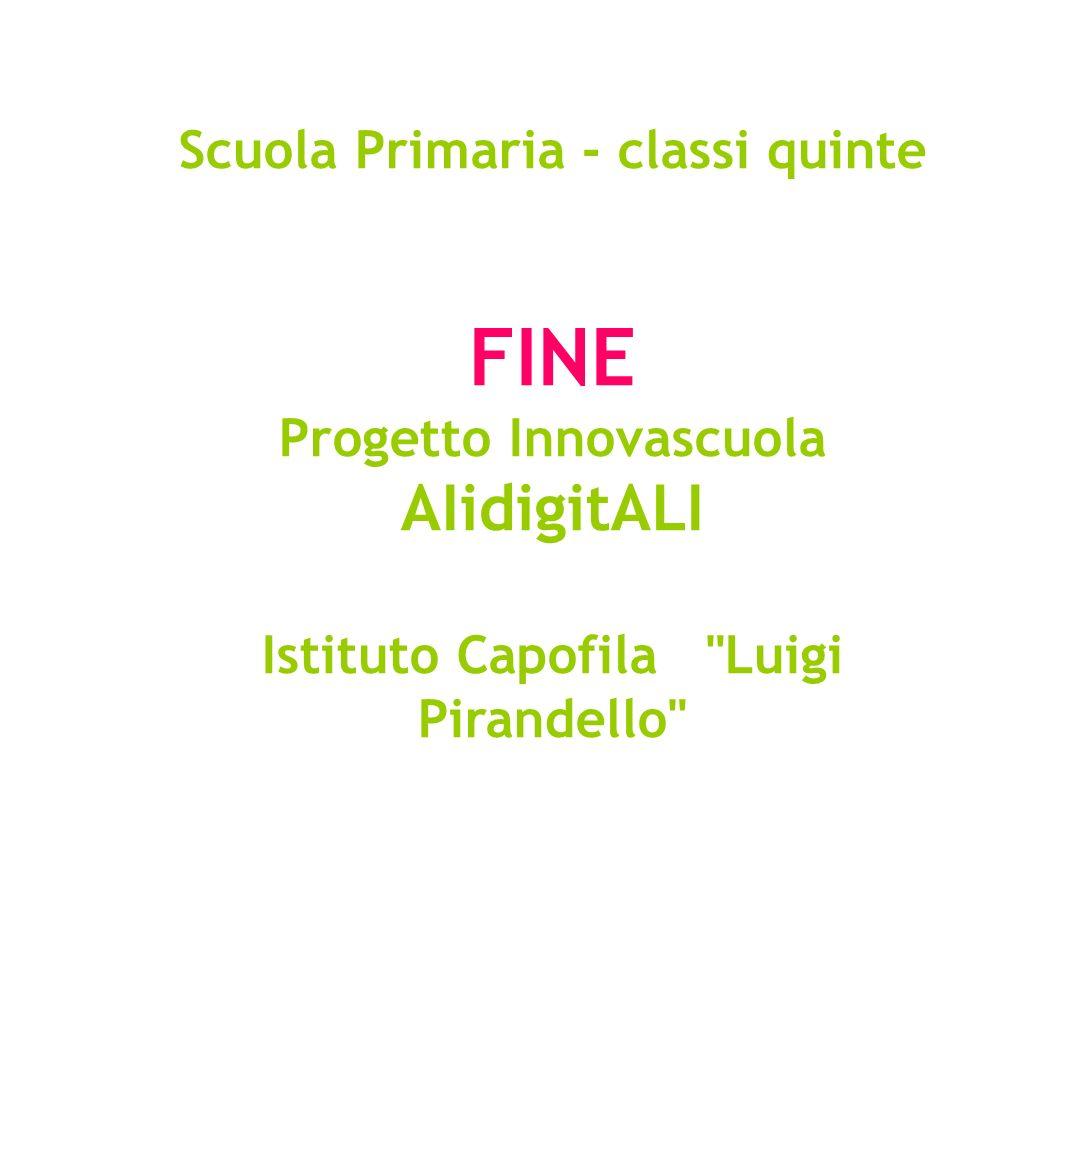 Scuola Primaria - classi quinte FINE Progetto Innovascuola AIidigitALI Istituto Capofila